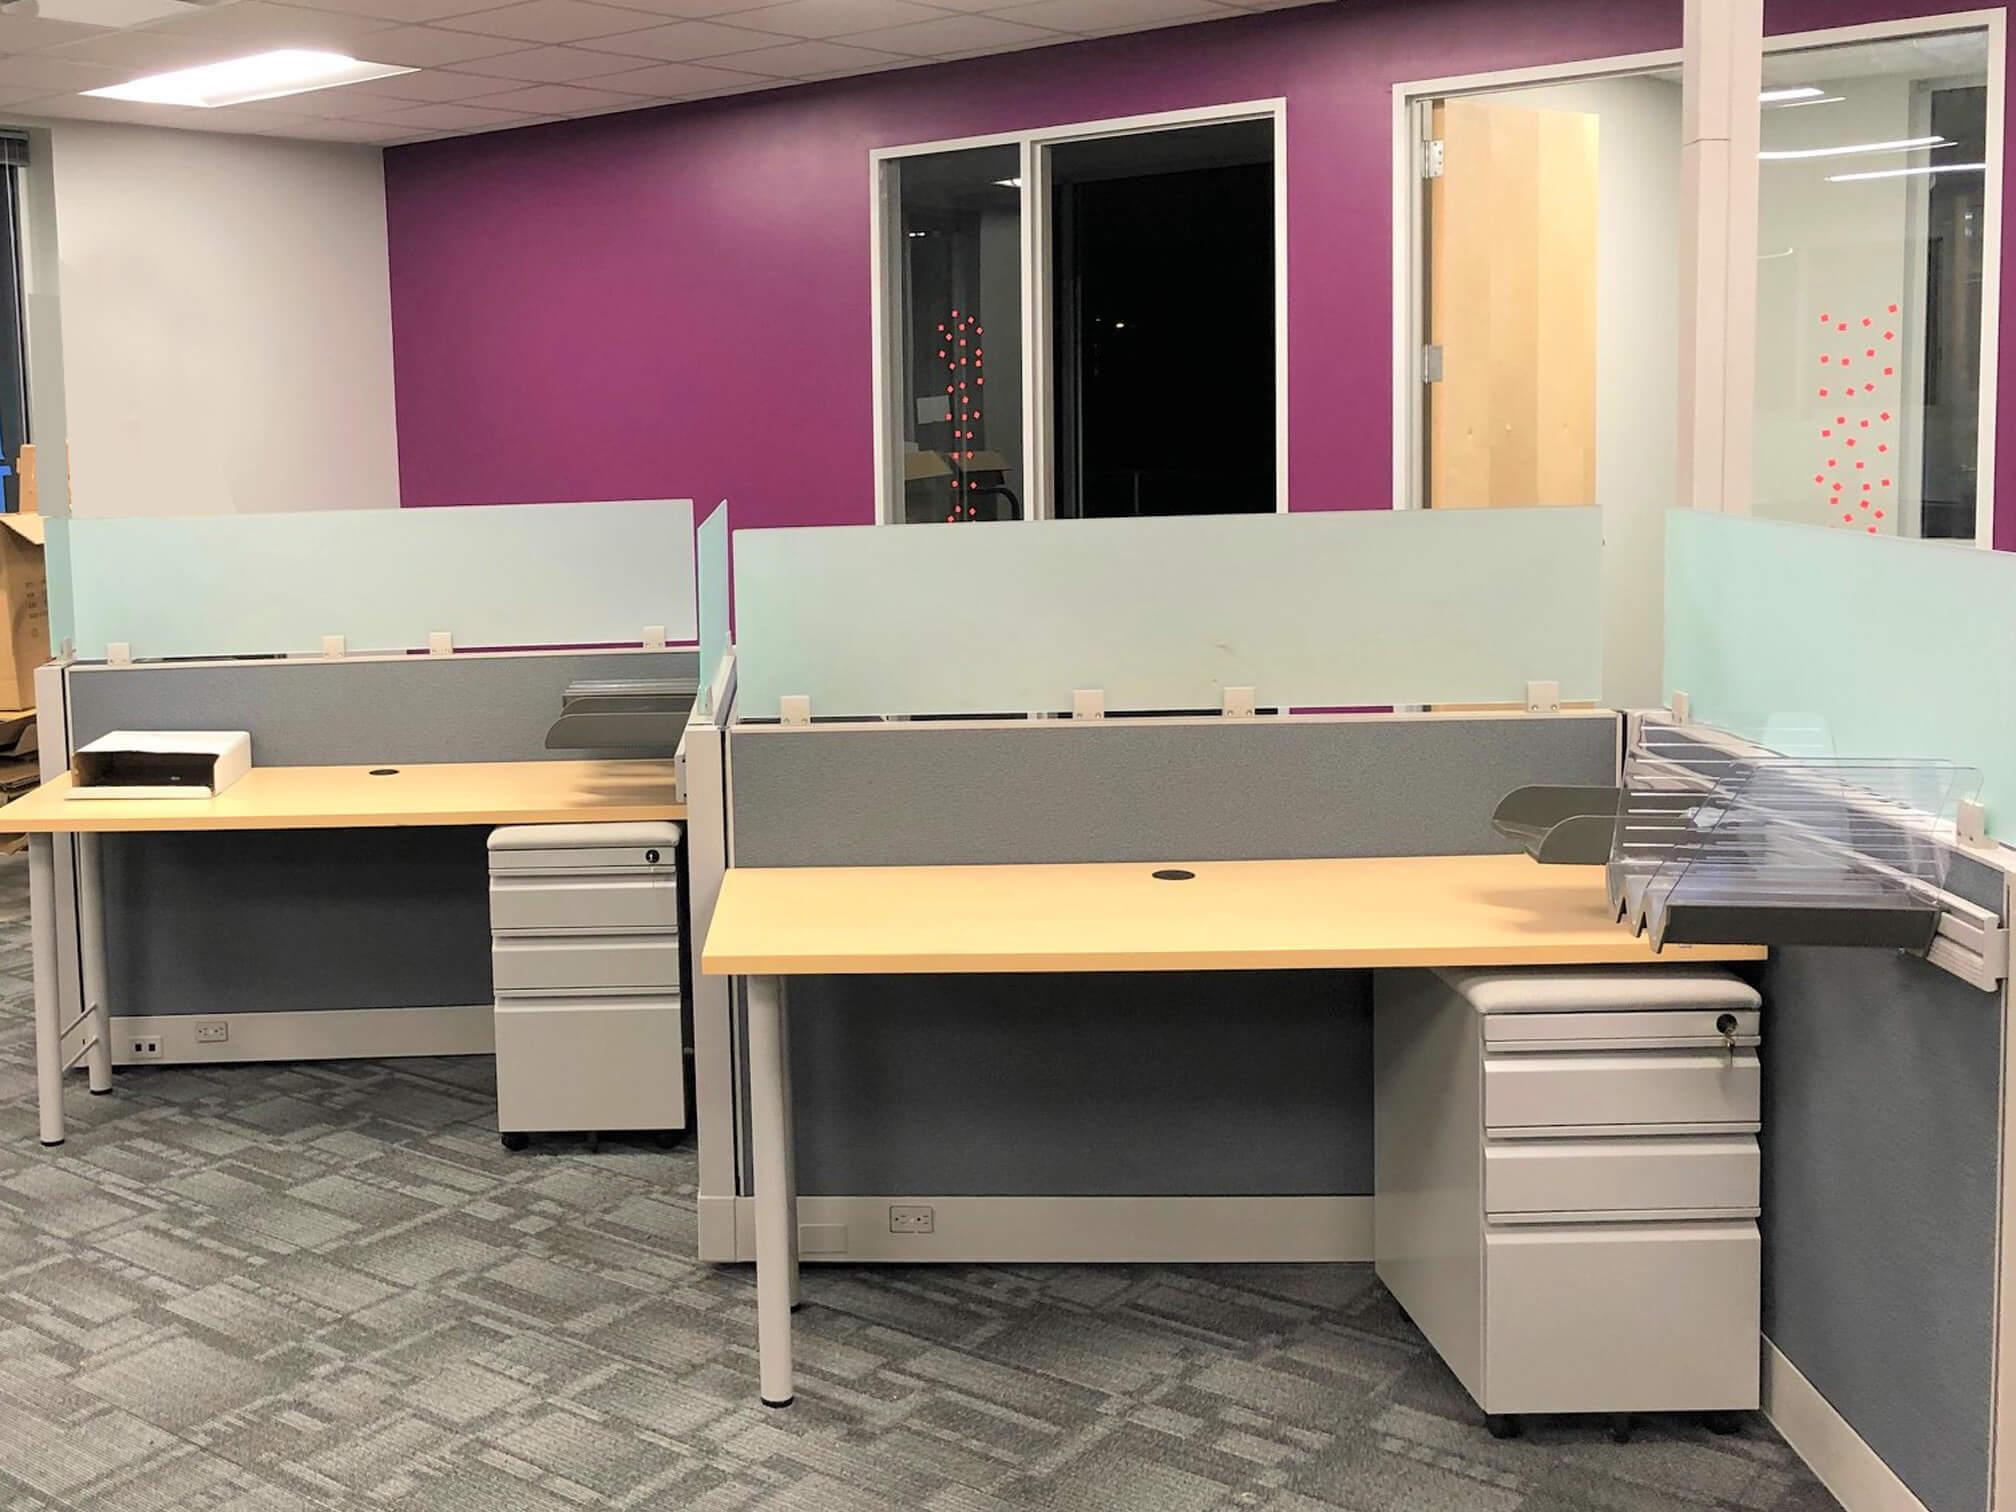 Office Design, Furniture Installation in Austin, TX for Wayfair